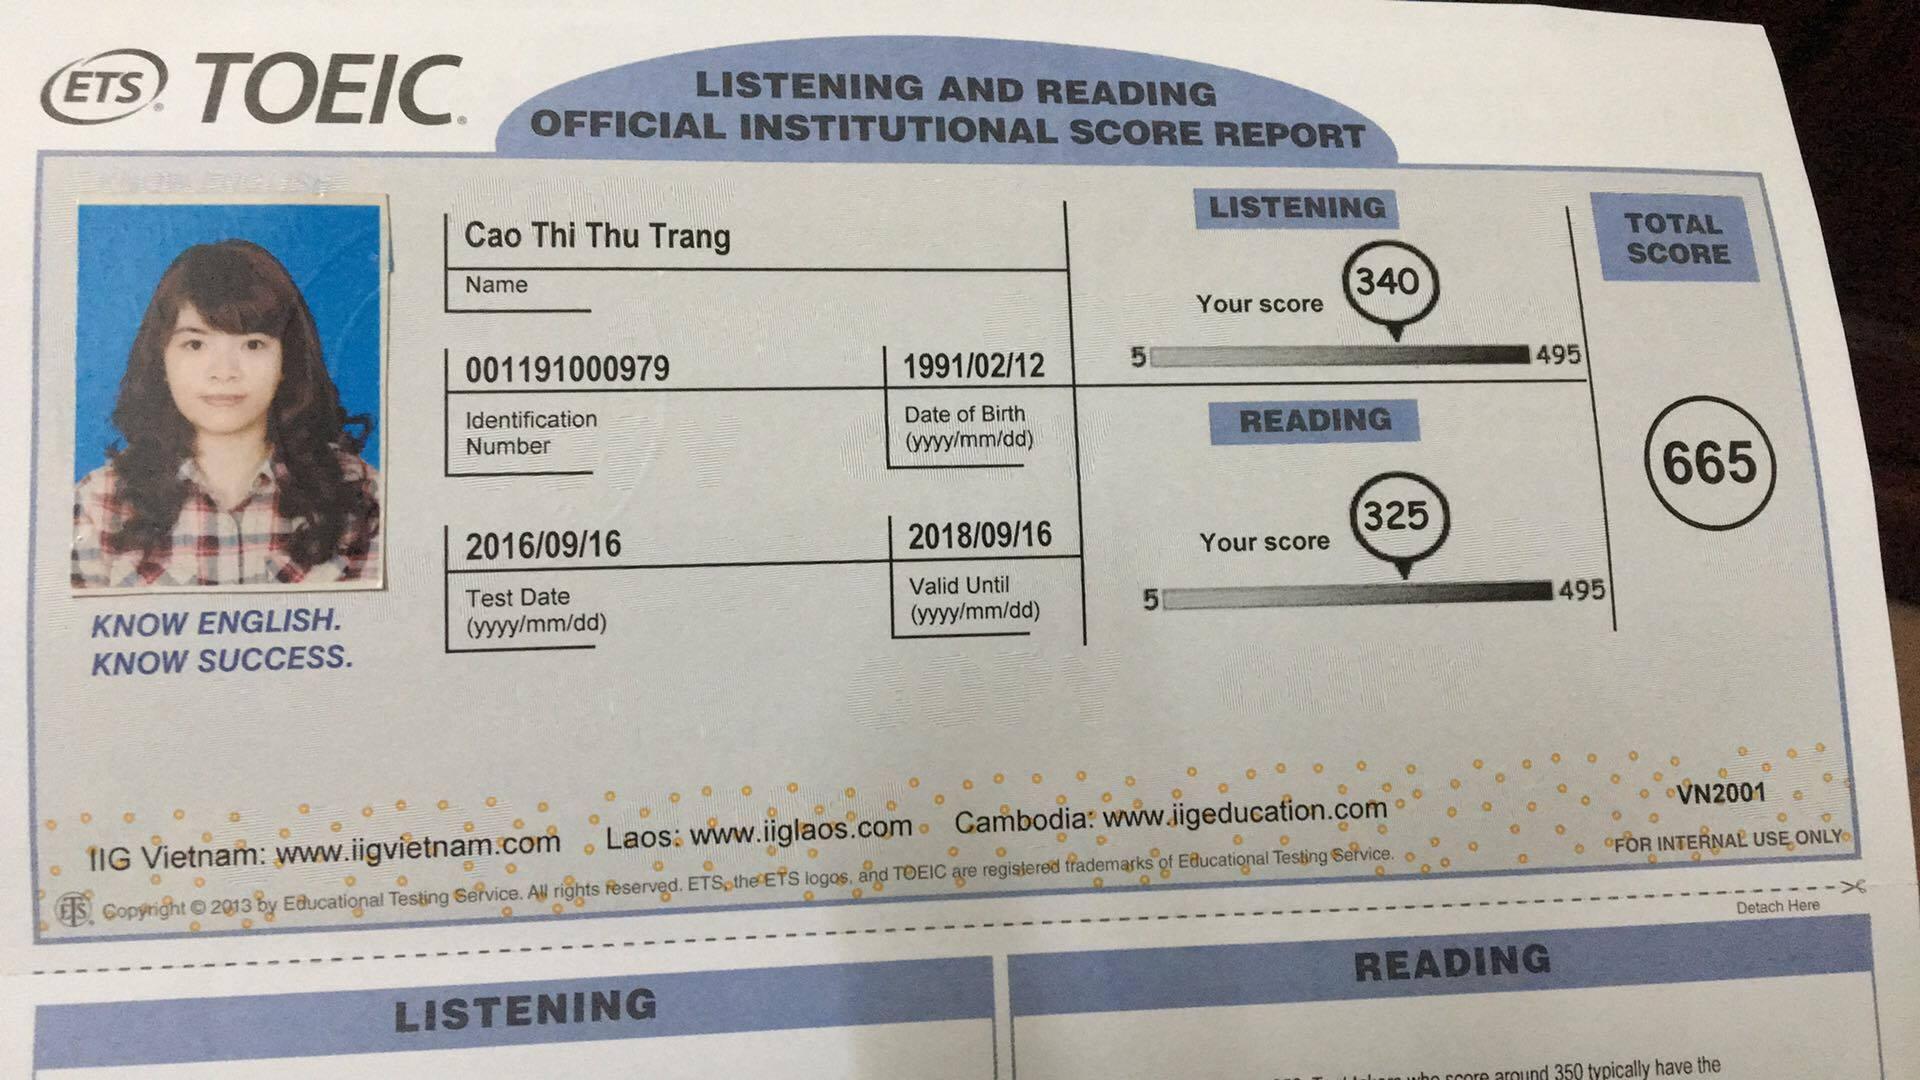 bảng điểm toeic Thu Trang thumb